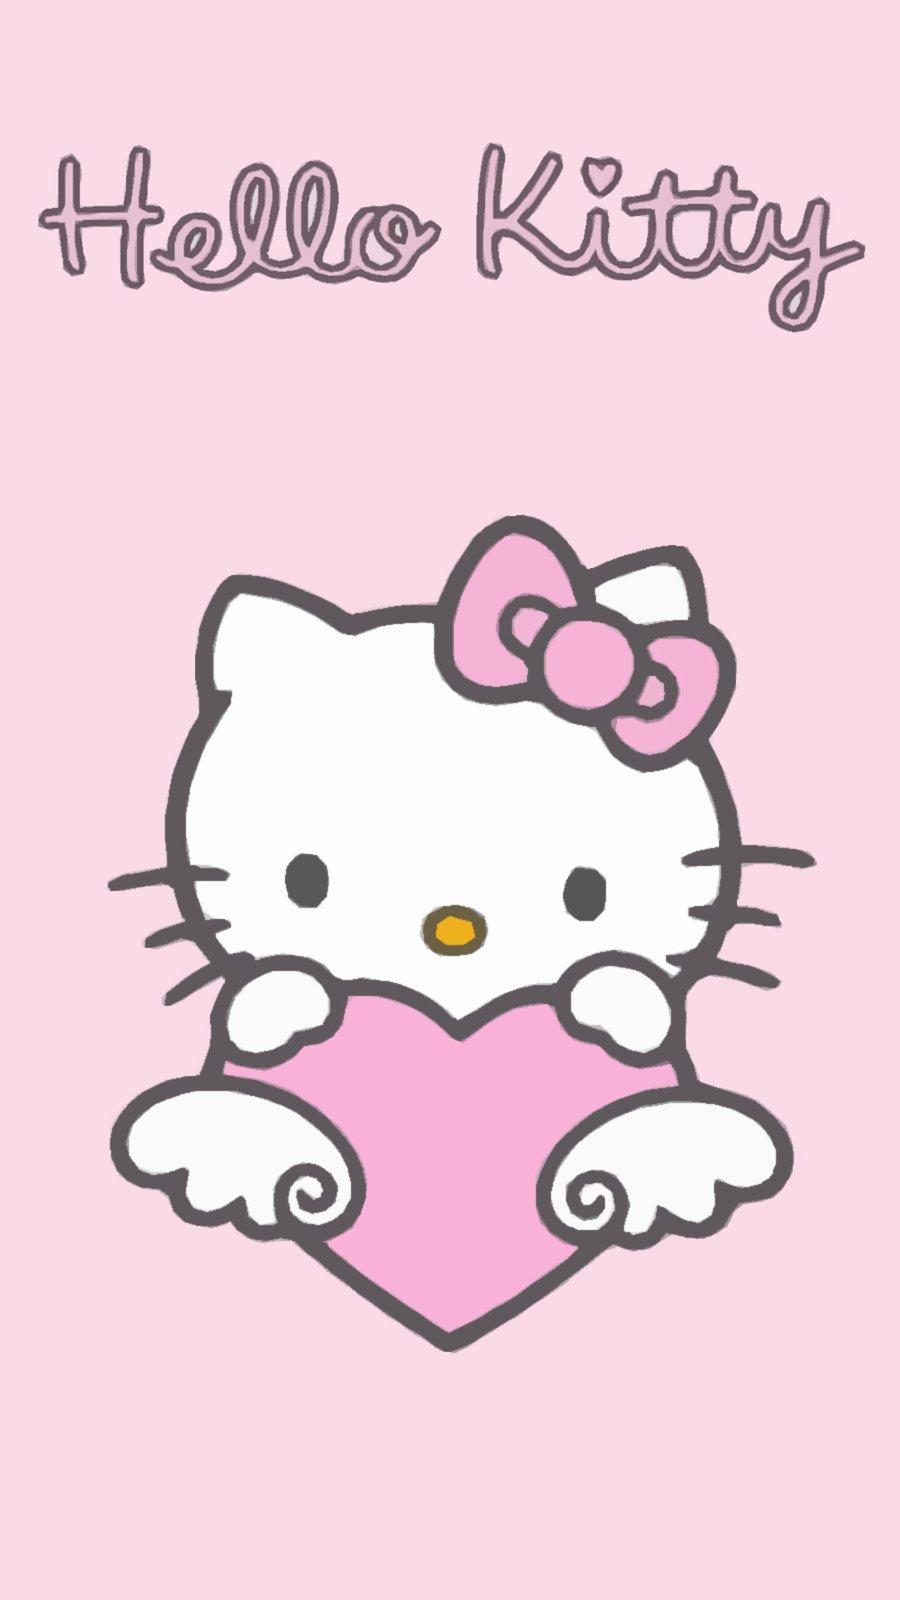 Fondos de pantalla Hello Kitty Vertical